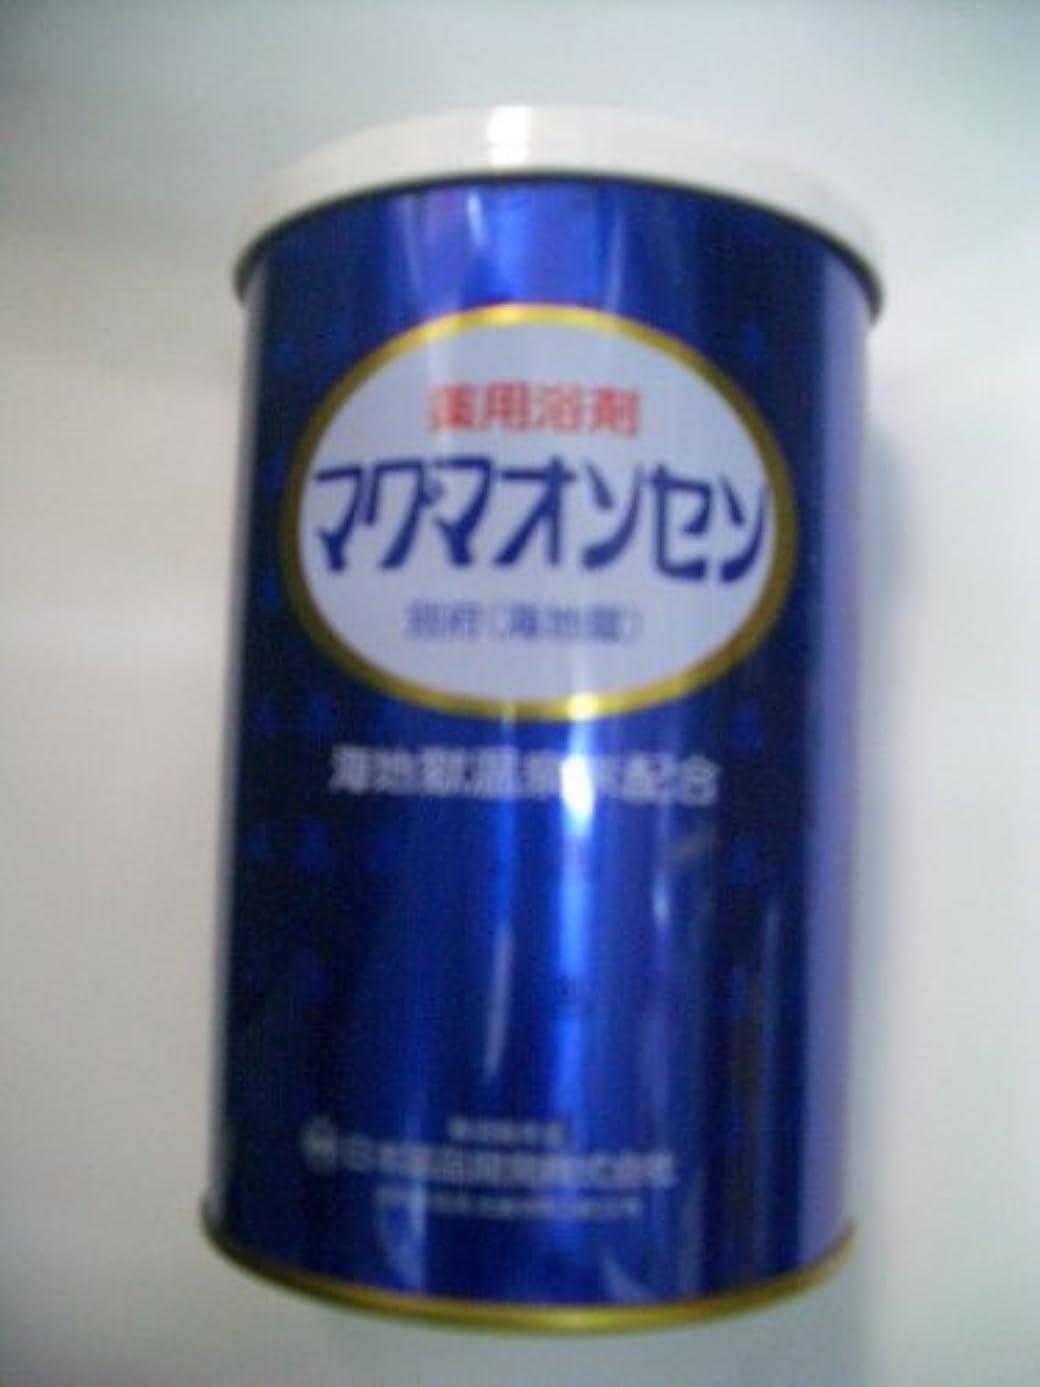 描写義務づけるあらゆる種類の別府温泉 【マグマ温泉】(海地獄)缶入500g 6個+1包